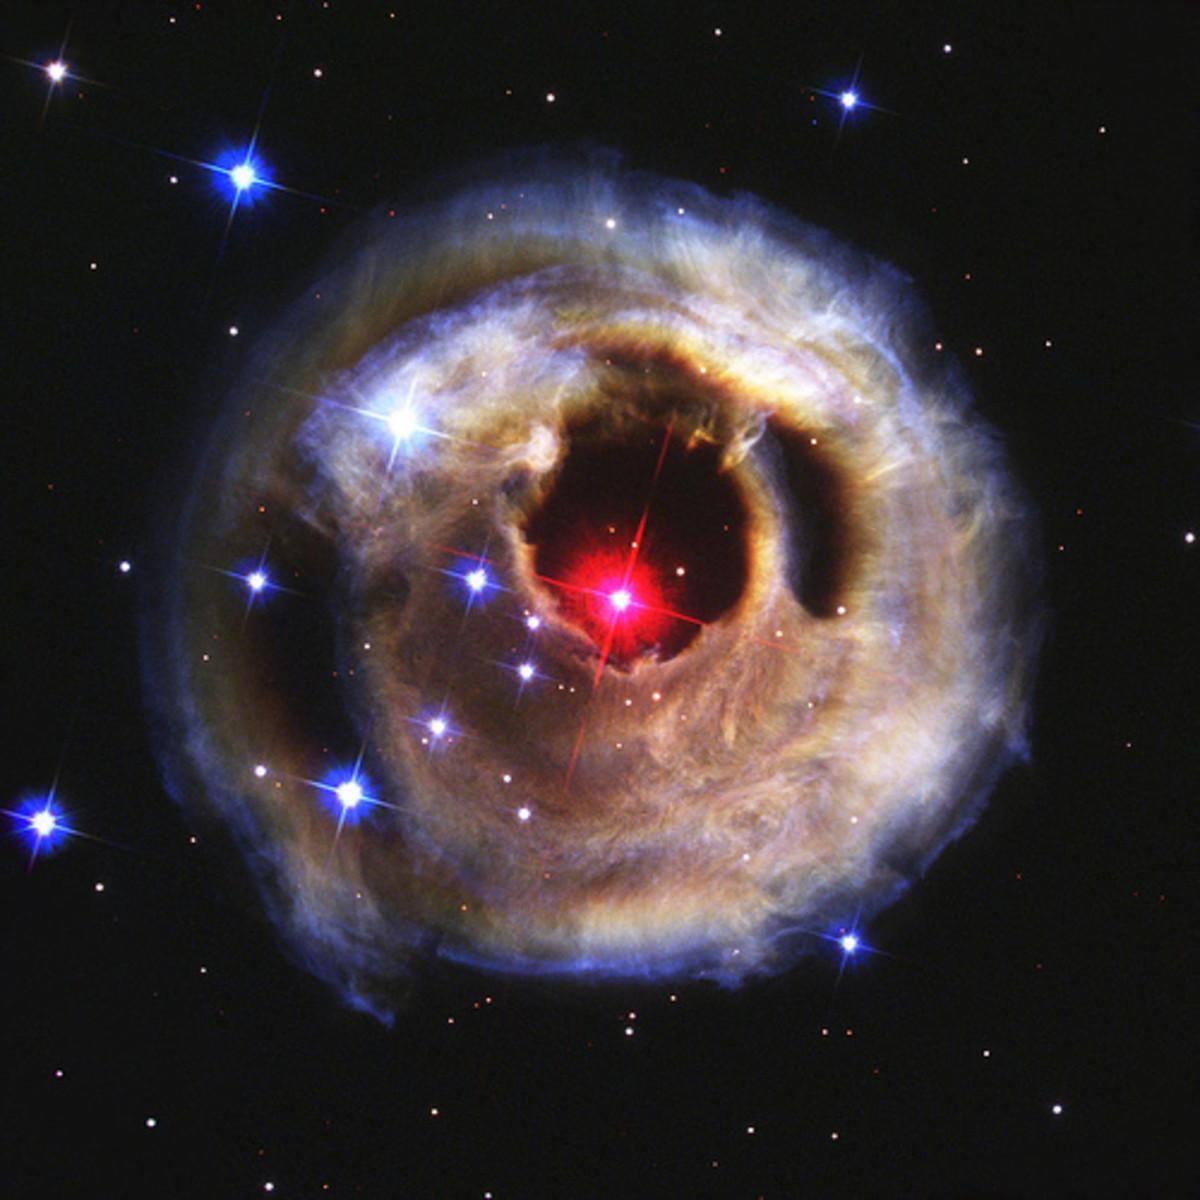 Starry Night Nebula, NASA, Hubble